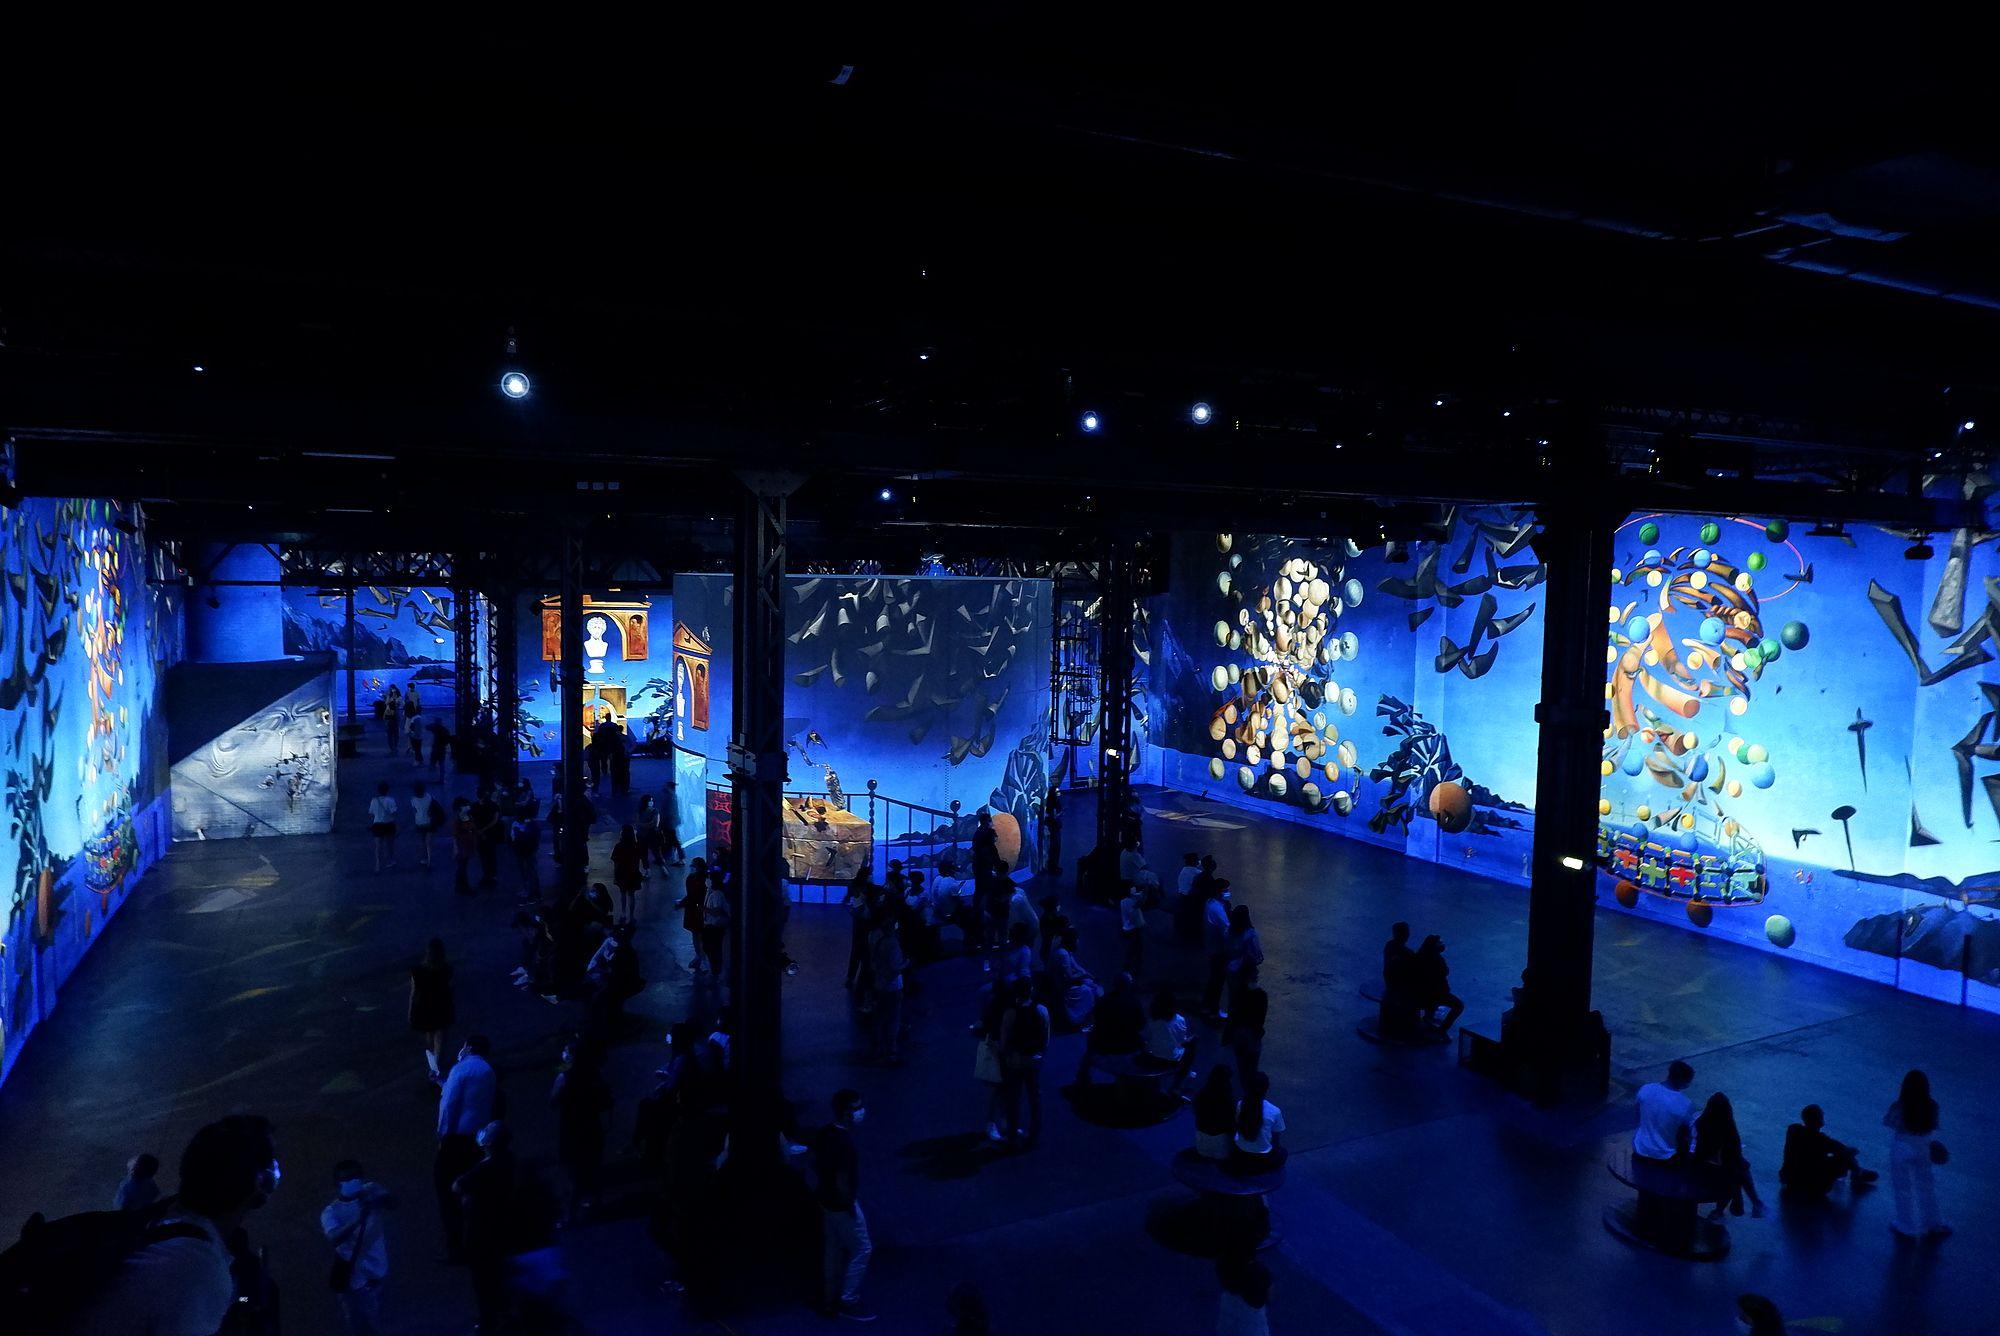 L'atelier des Lumières à Paris, présentant des oeuvres de Dali